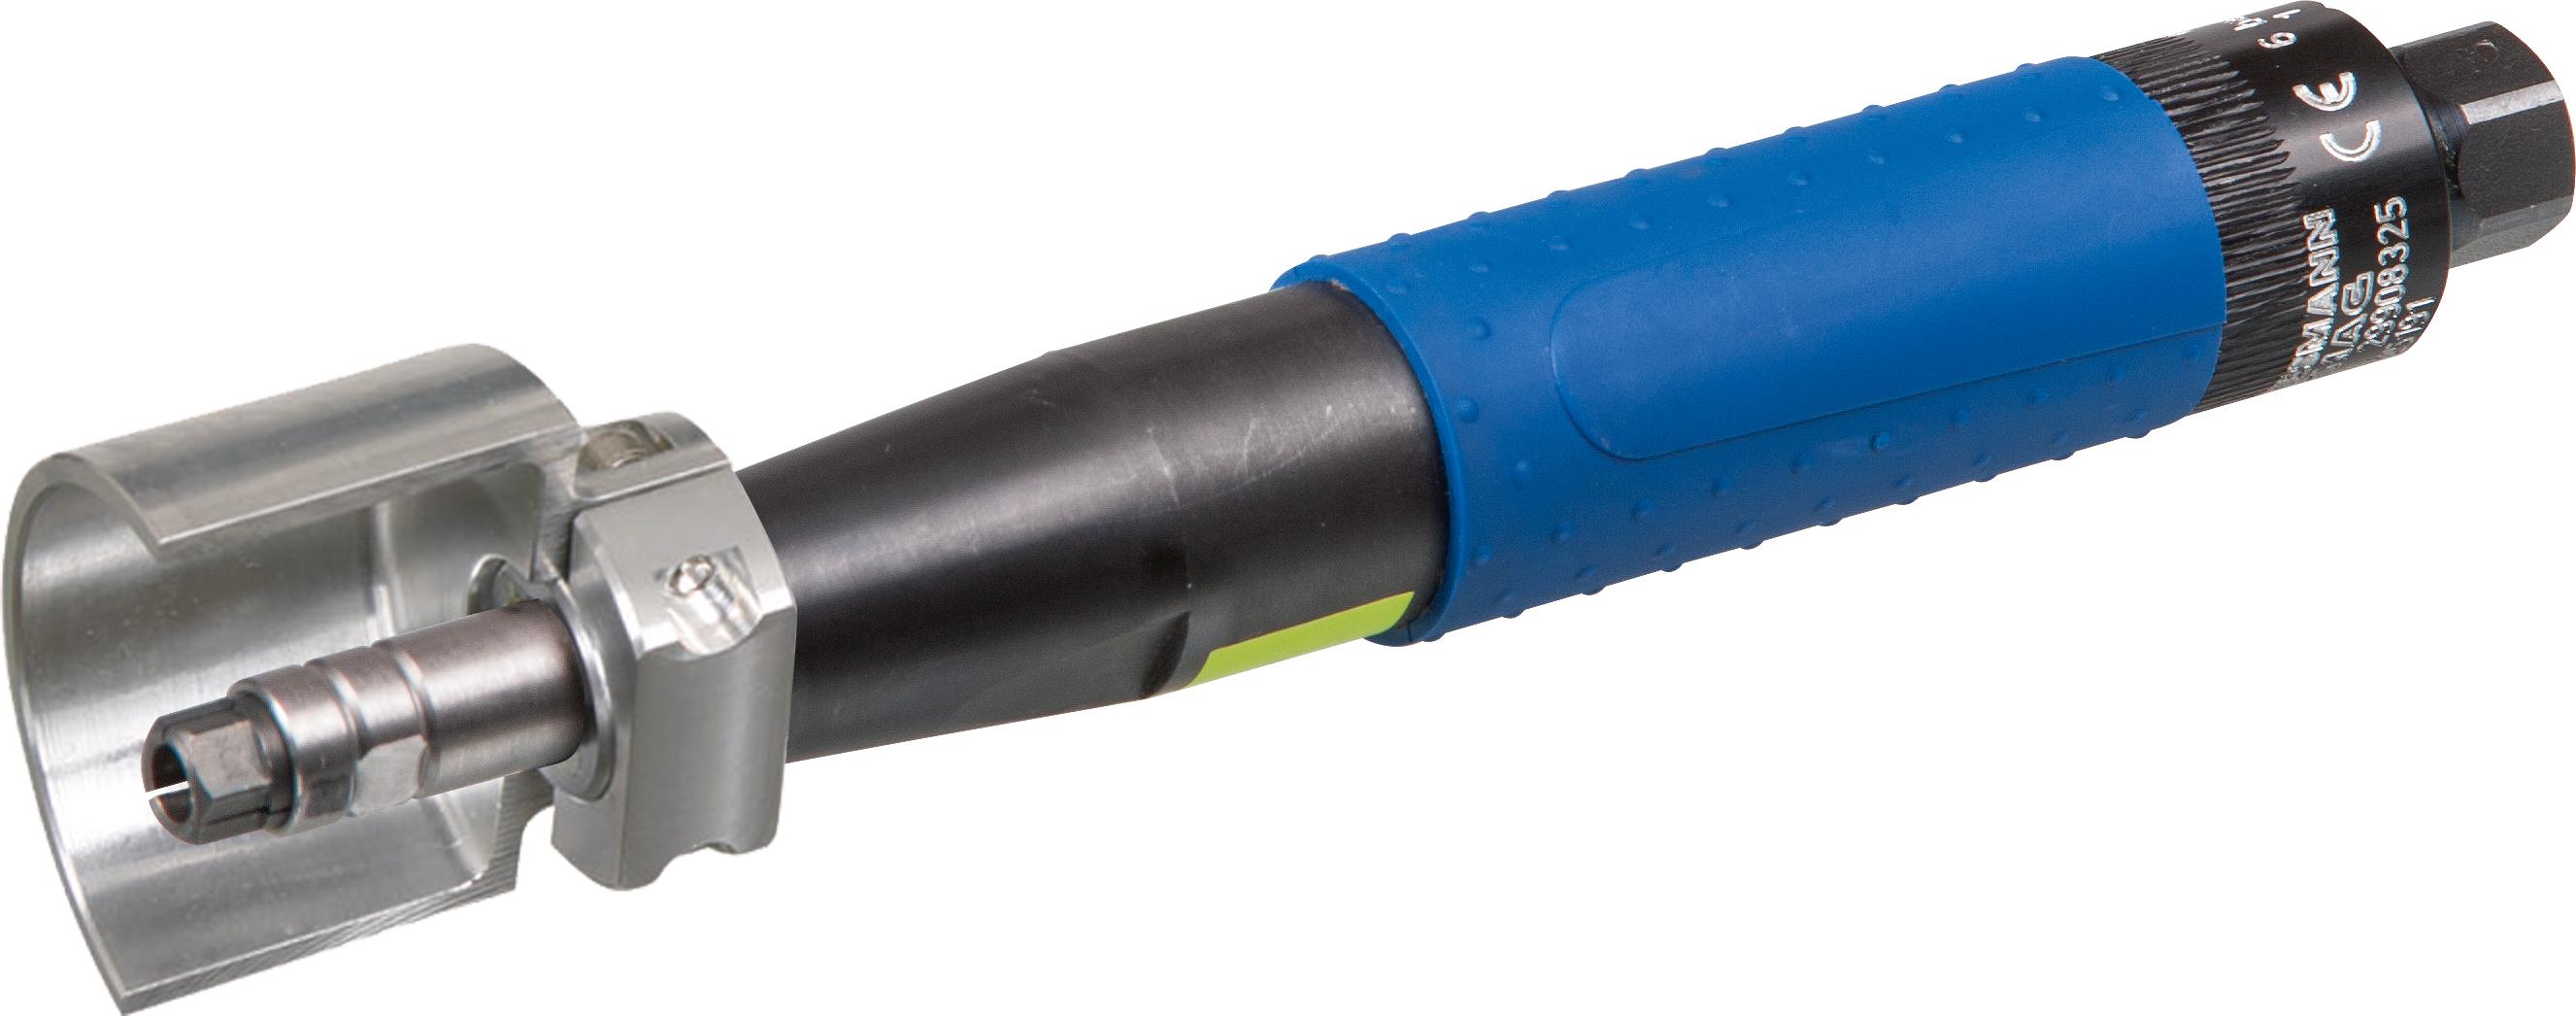 Mannesmann Demag Druckluft Profilschleifer G281 DV-K